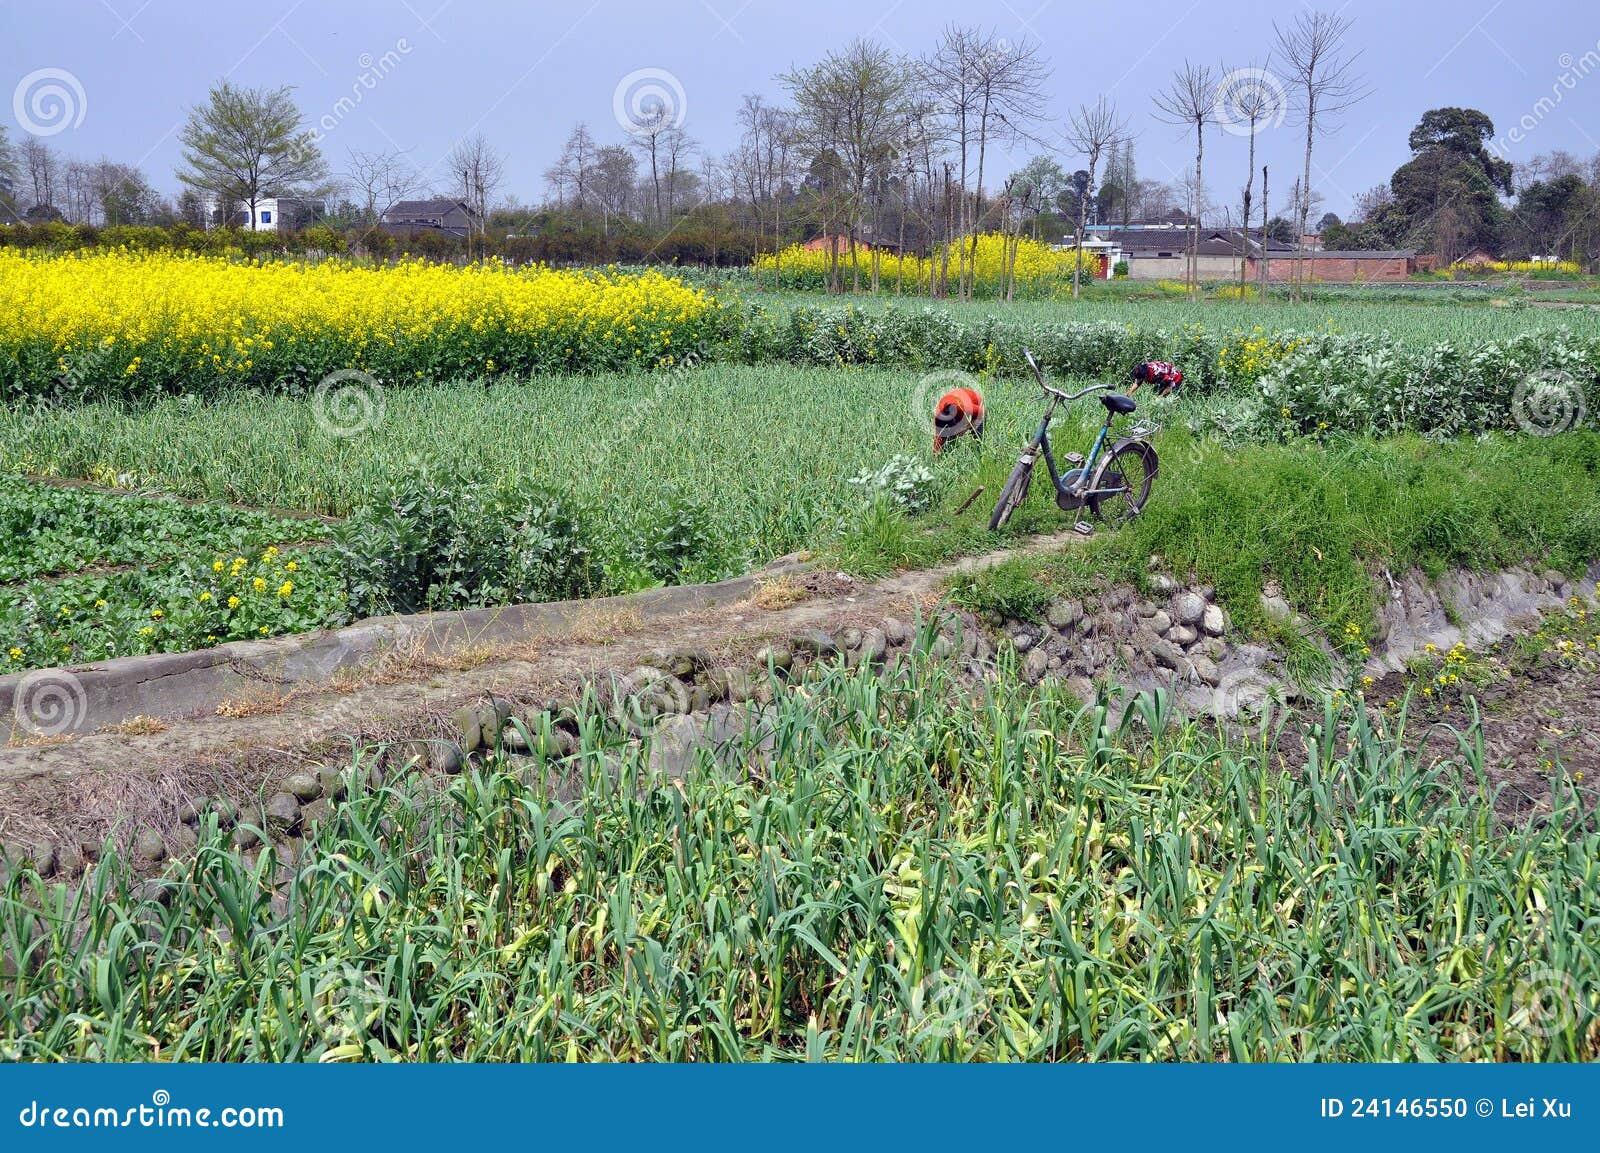 缩小的老路pengzhou省四川坐给女工的属于的自行车瓷土制农田大蒜运作图片